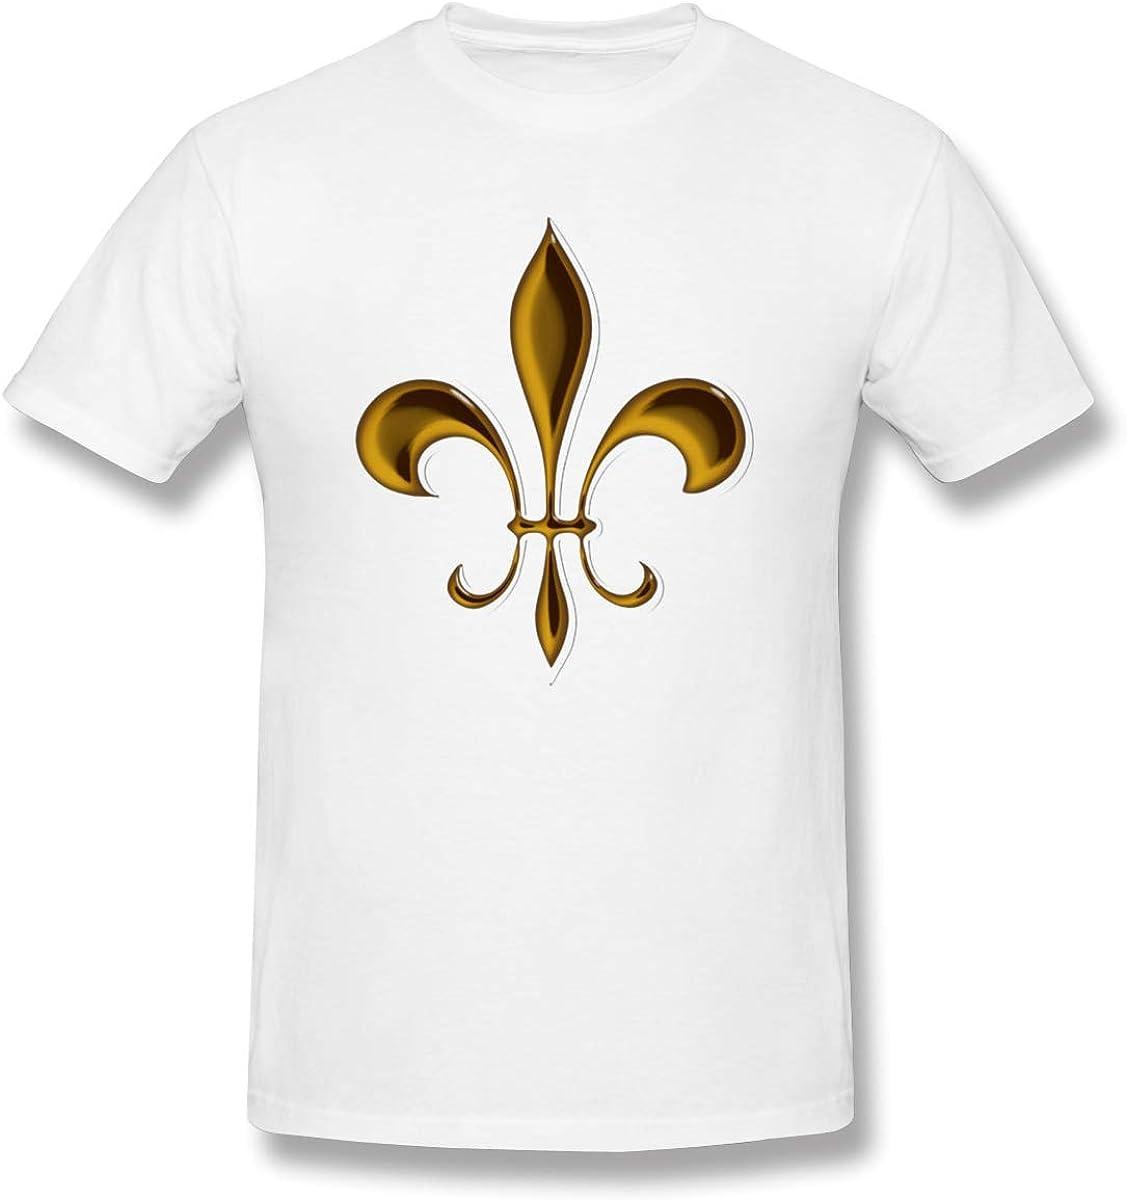 Camisetas Blancas de algodón con diseño de Flor de lis para Hombre: Amazon.es: Ropa y accesorios